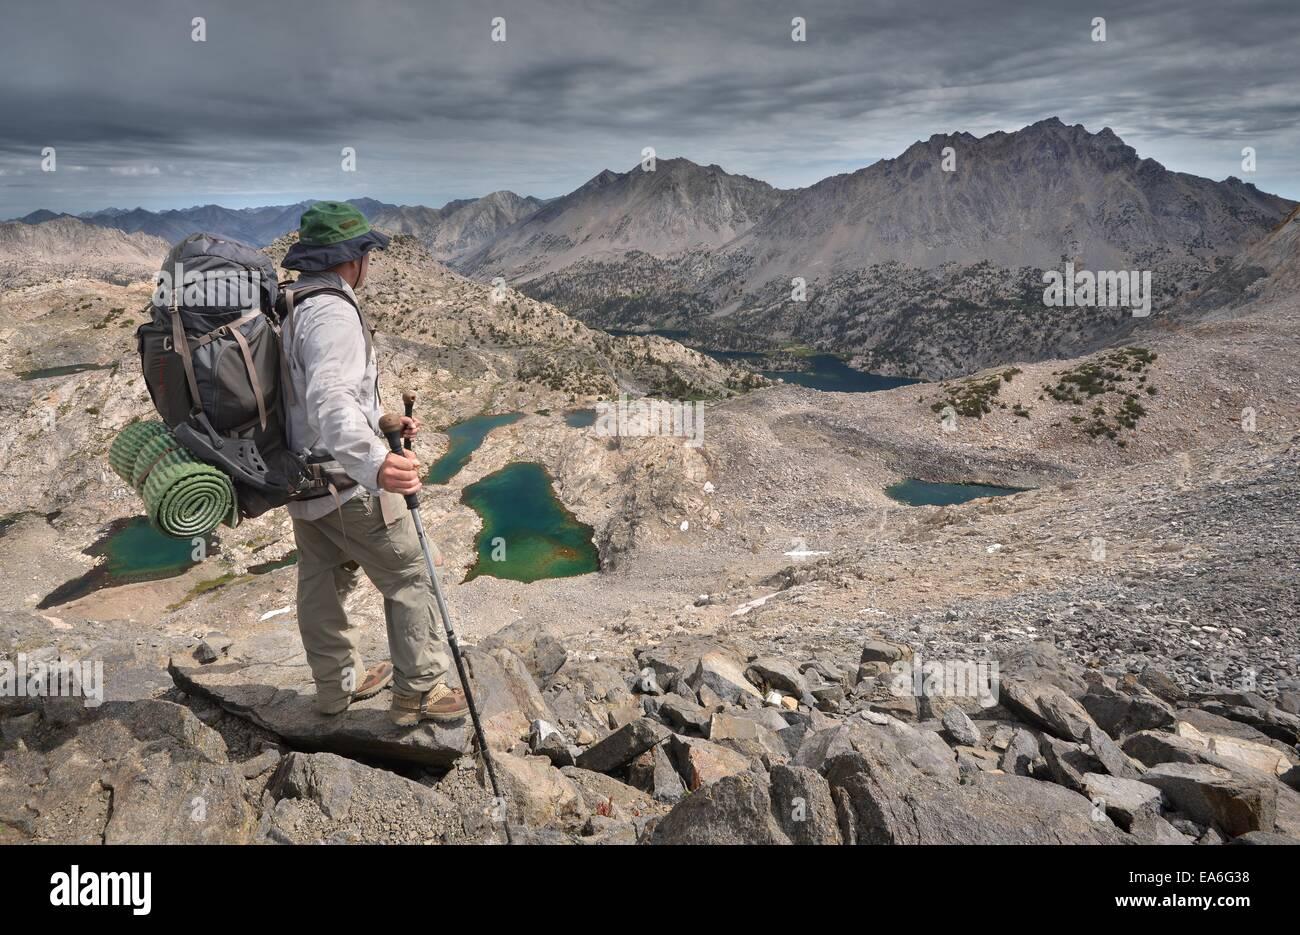 USA, California, Kings Canyon National Park, Hiker Atop Glen Pass - Stock Image